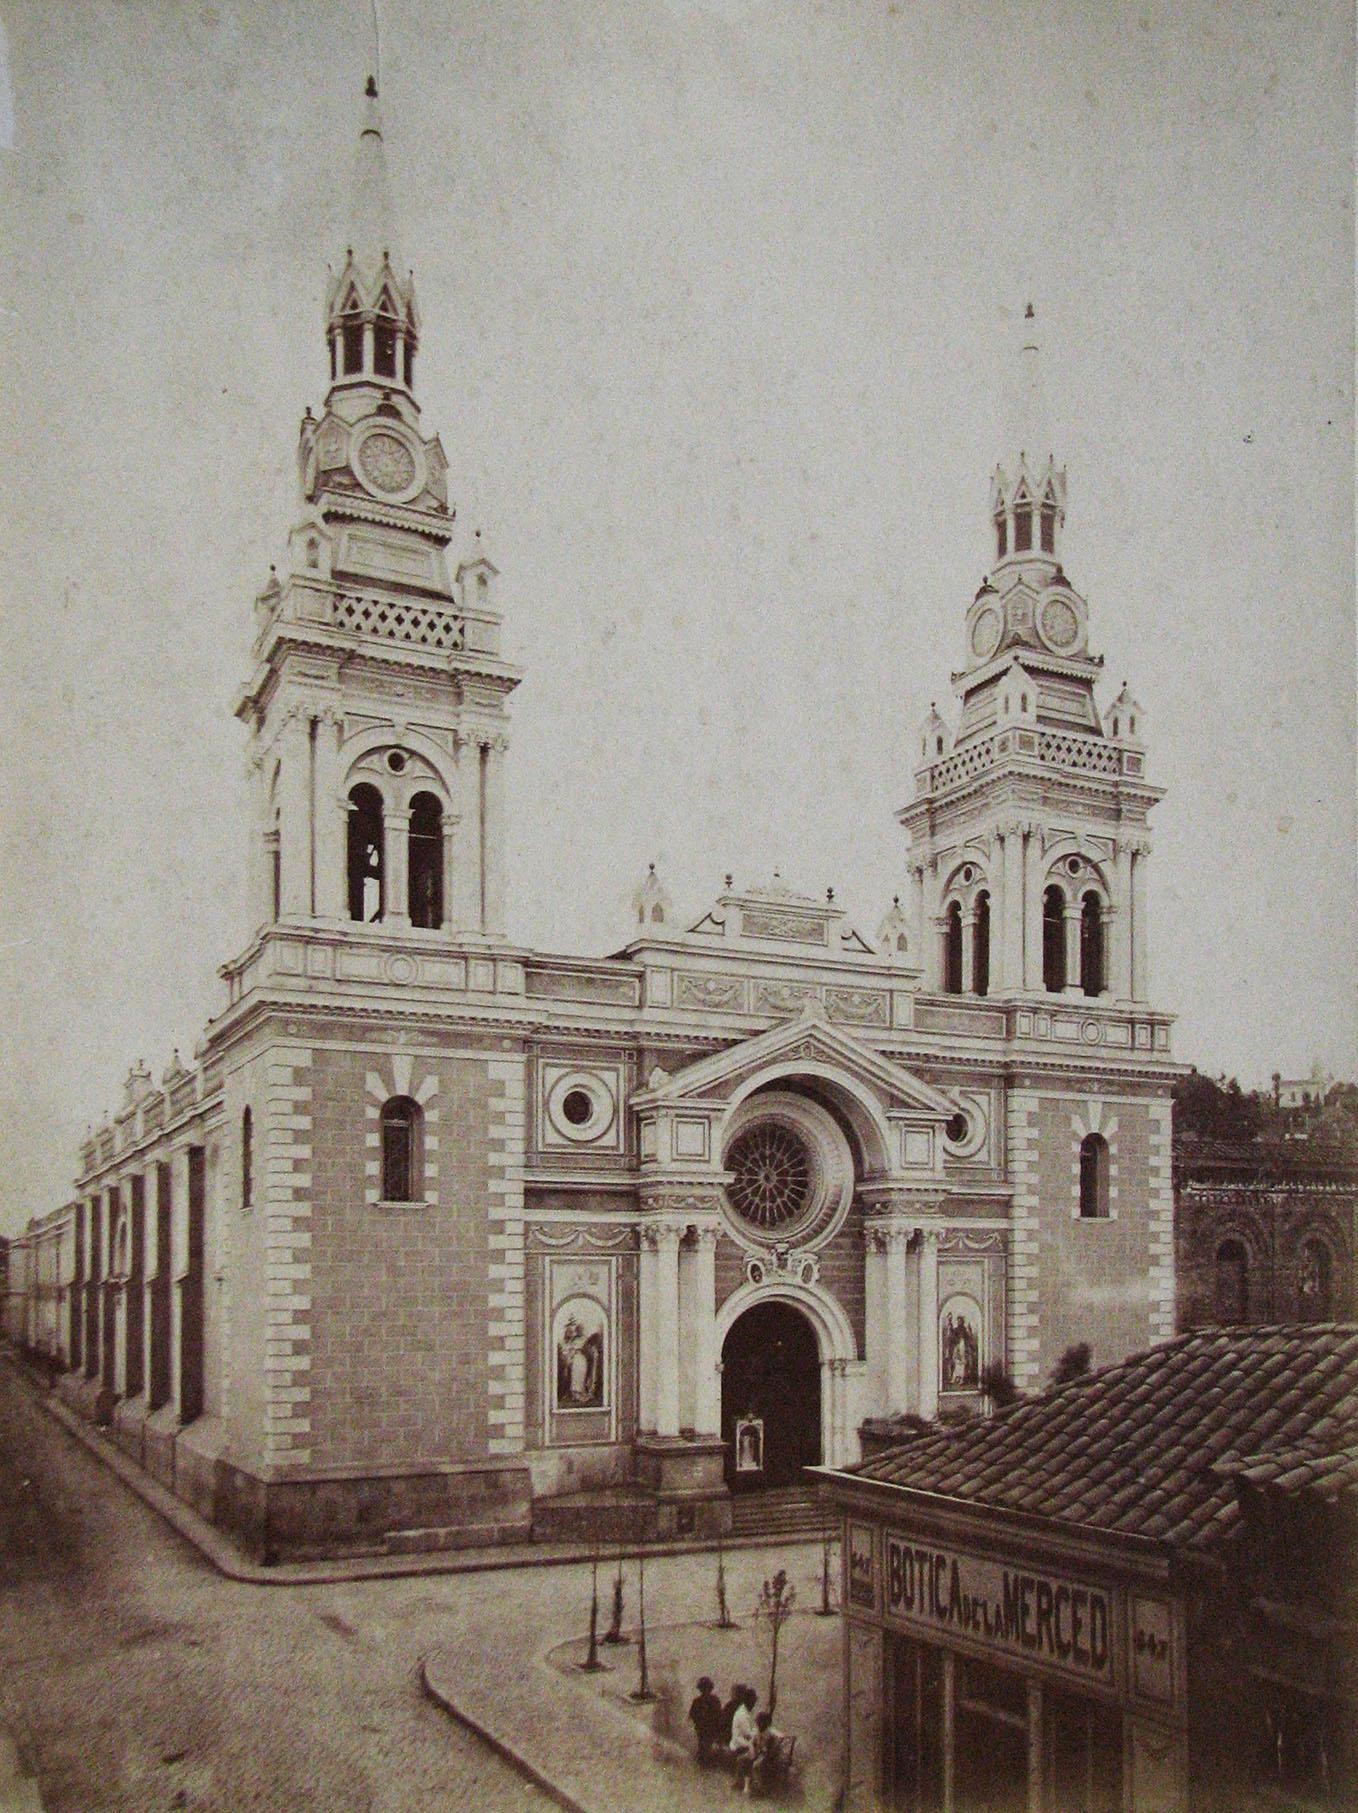 Enterreno - Fotos históricas de chile - fotos antiguas de Chile - Iglesia de La Merced en 1880